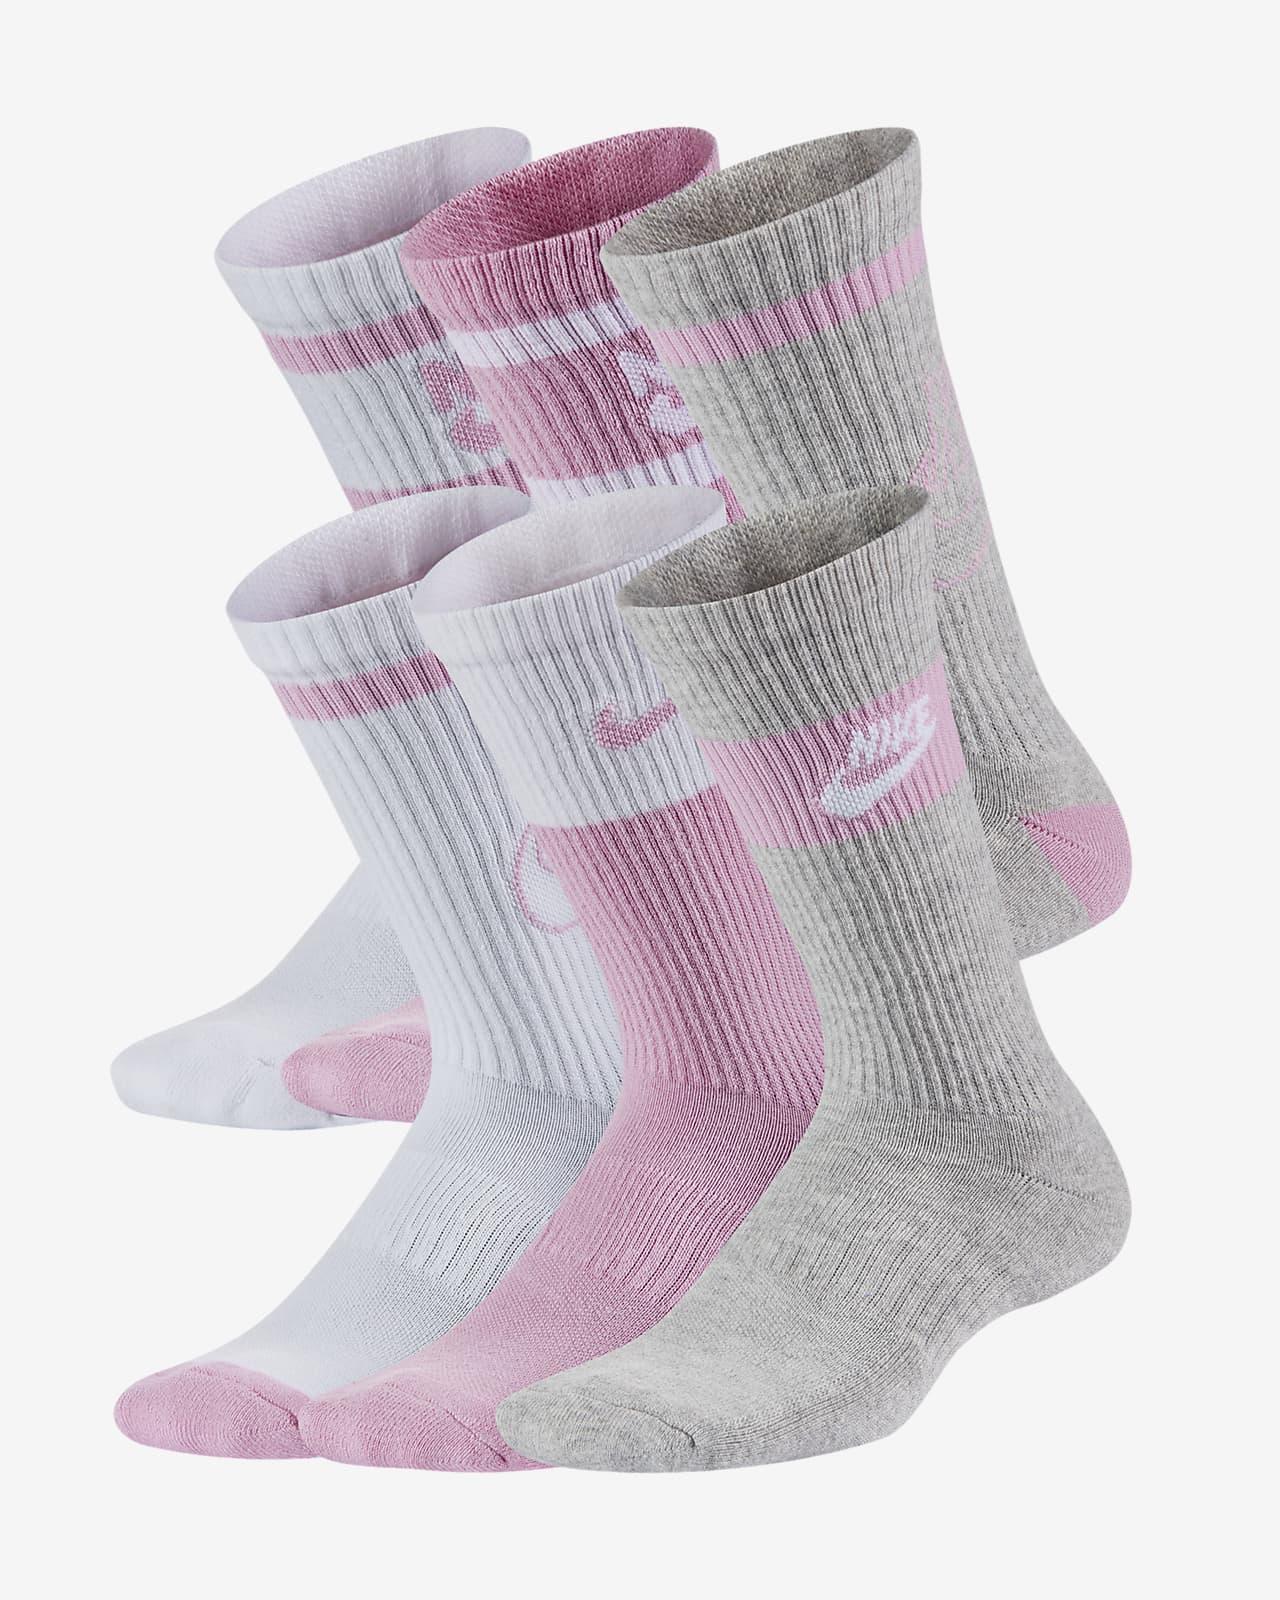 Nike Everyday Crew sokken met demping voor kids (6 paar)